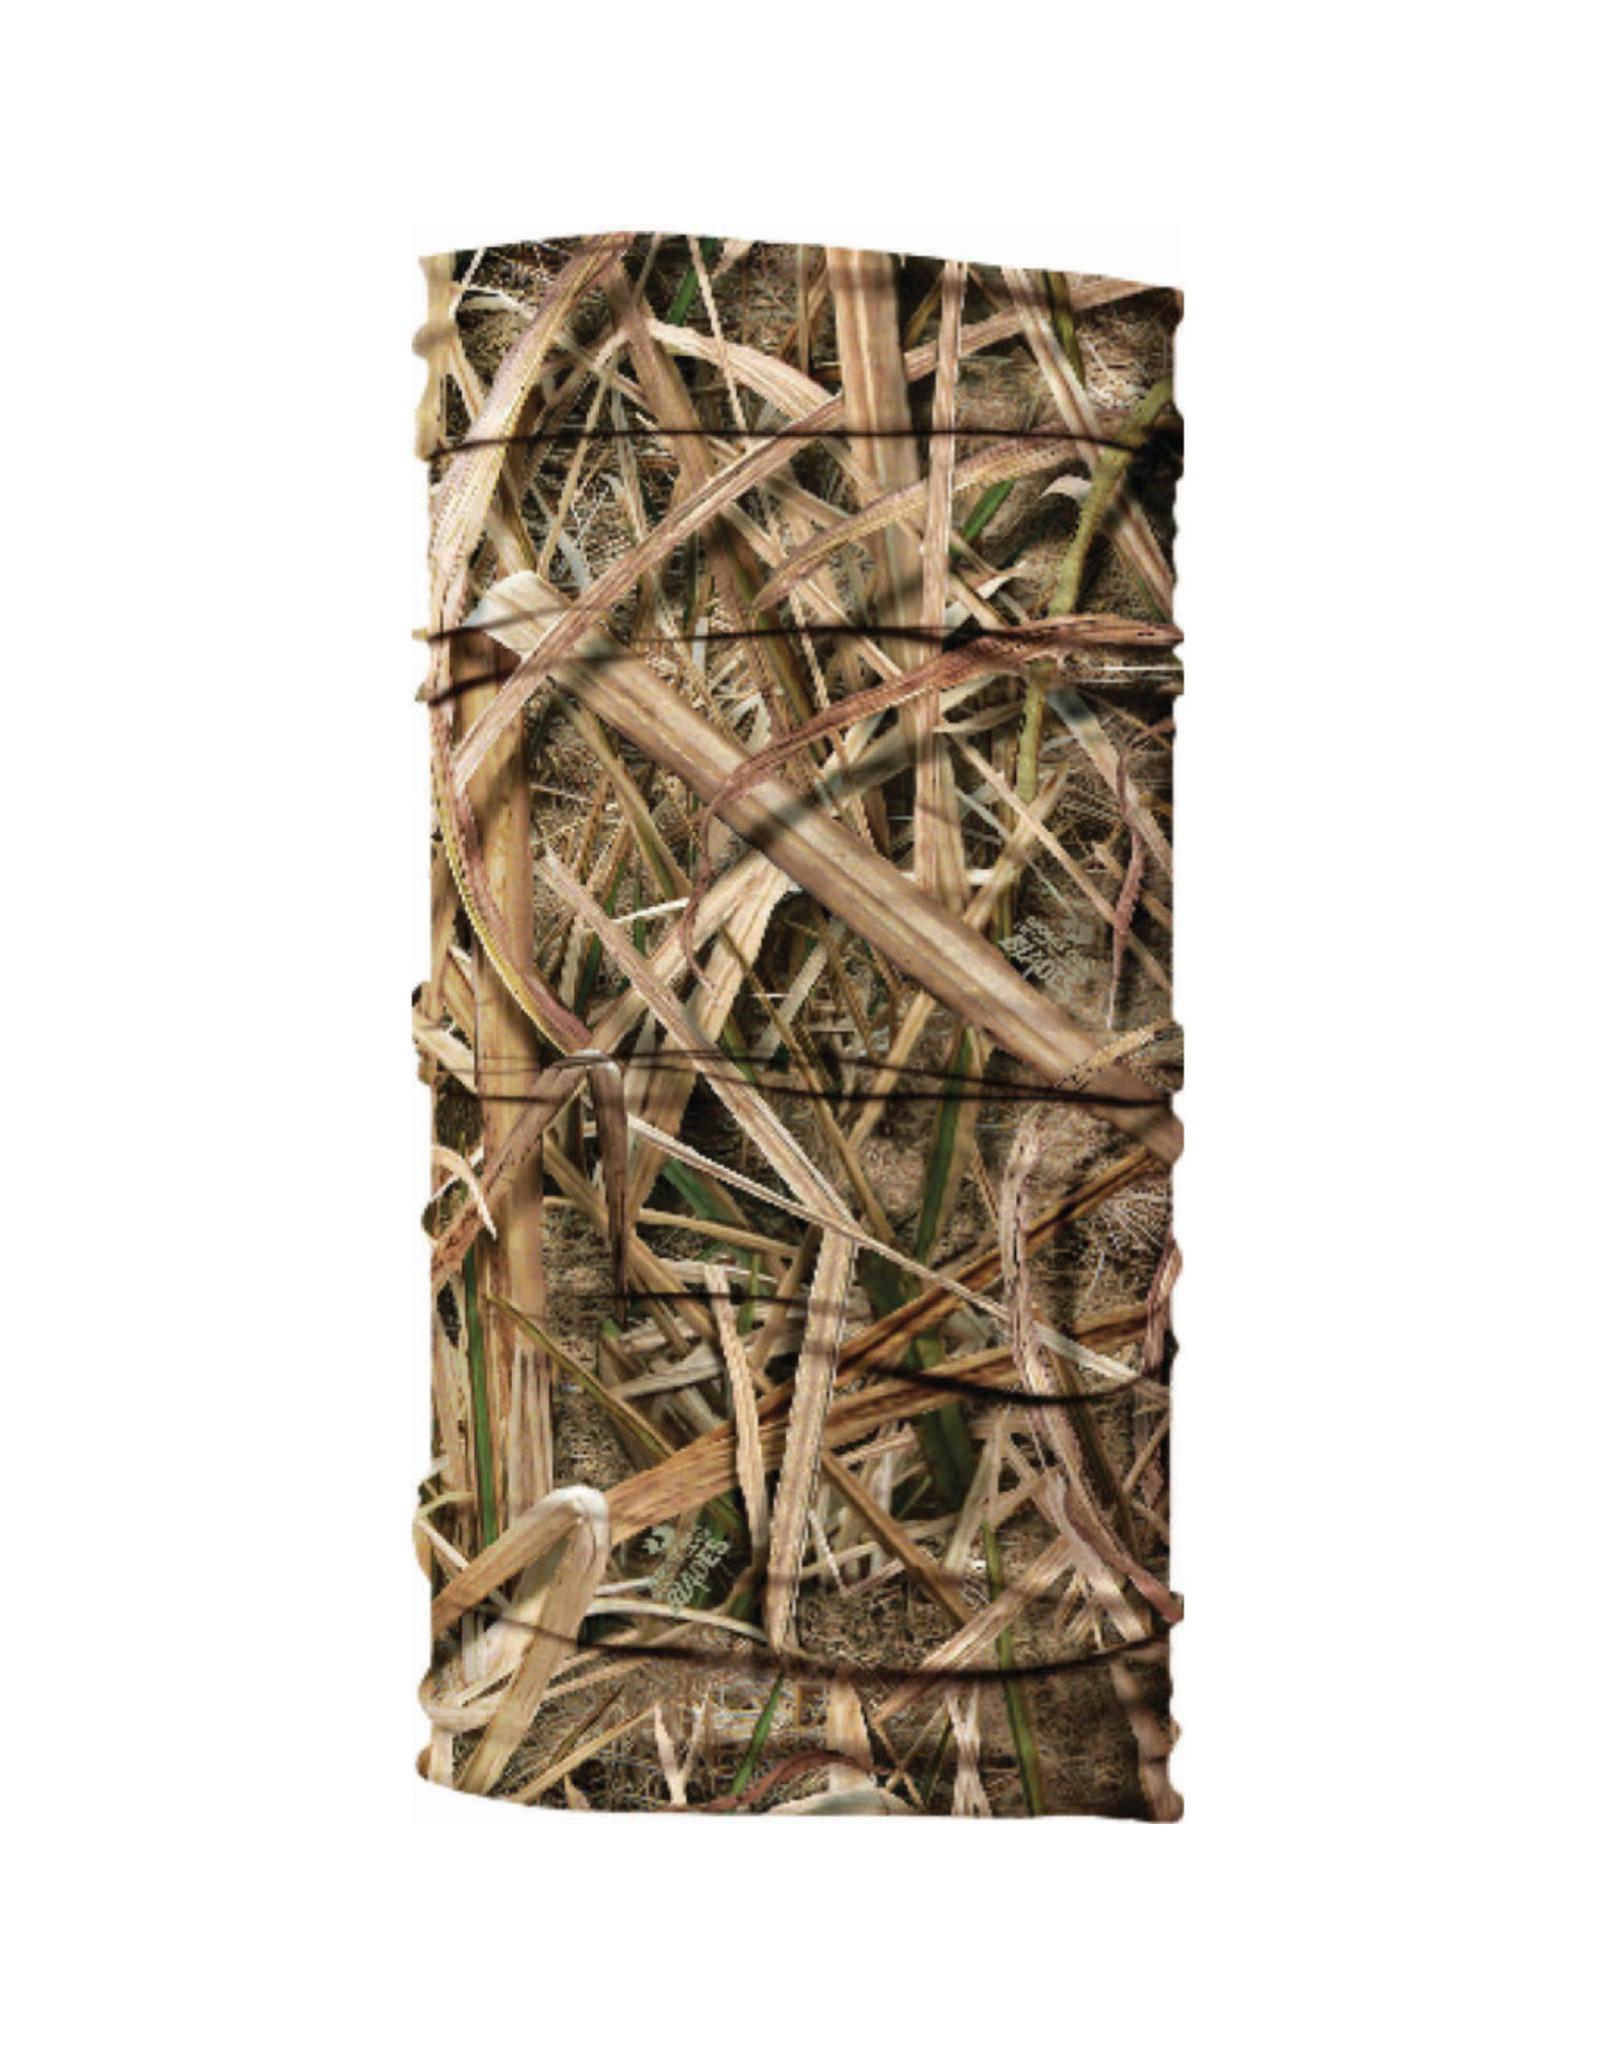 BUFF BUFF MOSSY OAK COOLNET UV+ Shadow Grass Forest Green-Onesize-Standard